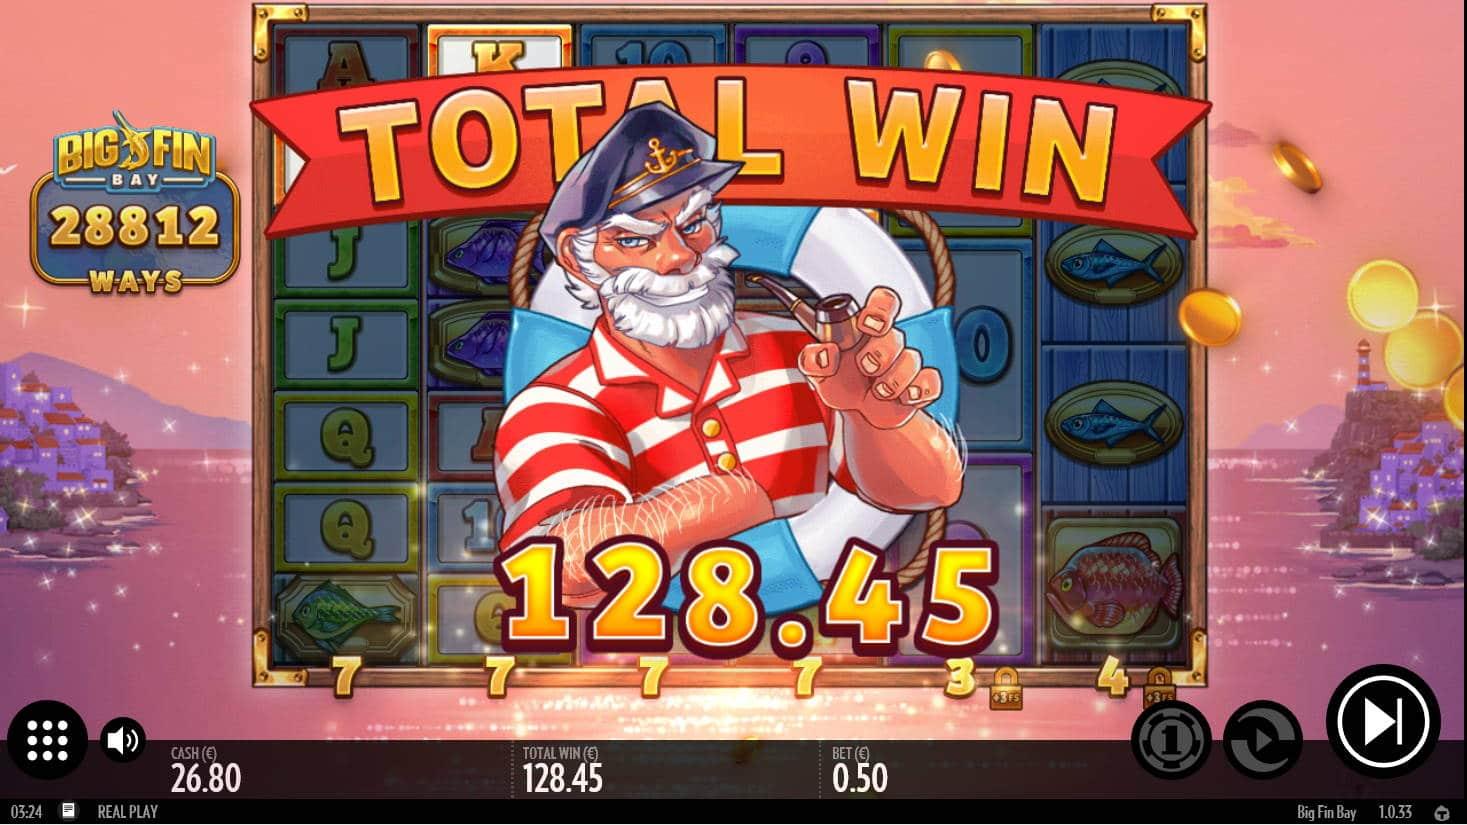 Big Fin Bay Casino win picture by Kari Grandi 8.4.2021 128.45e 257X